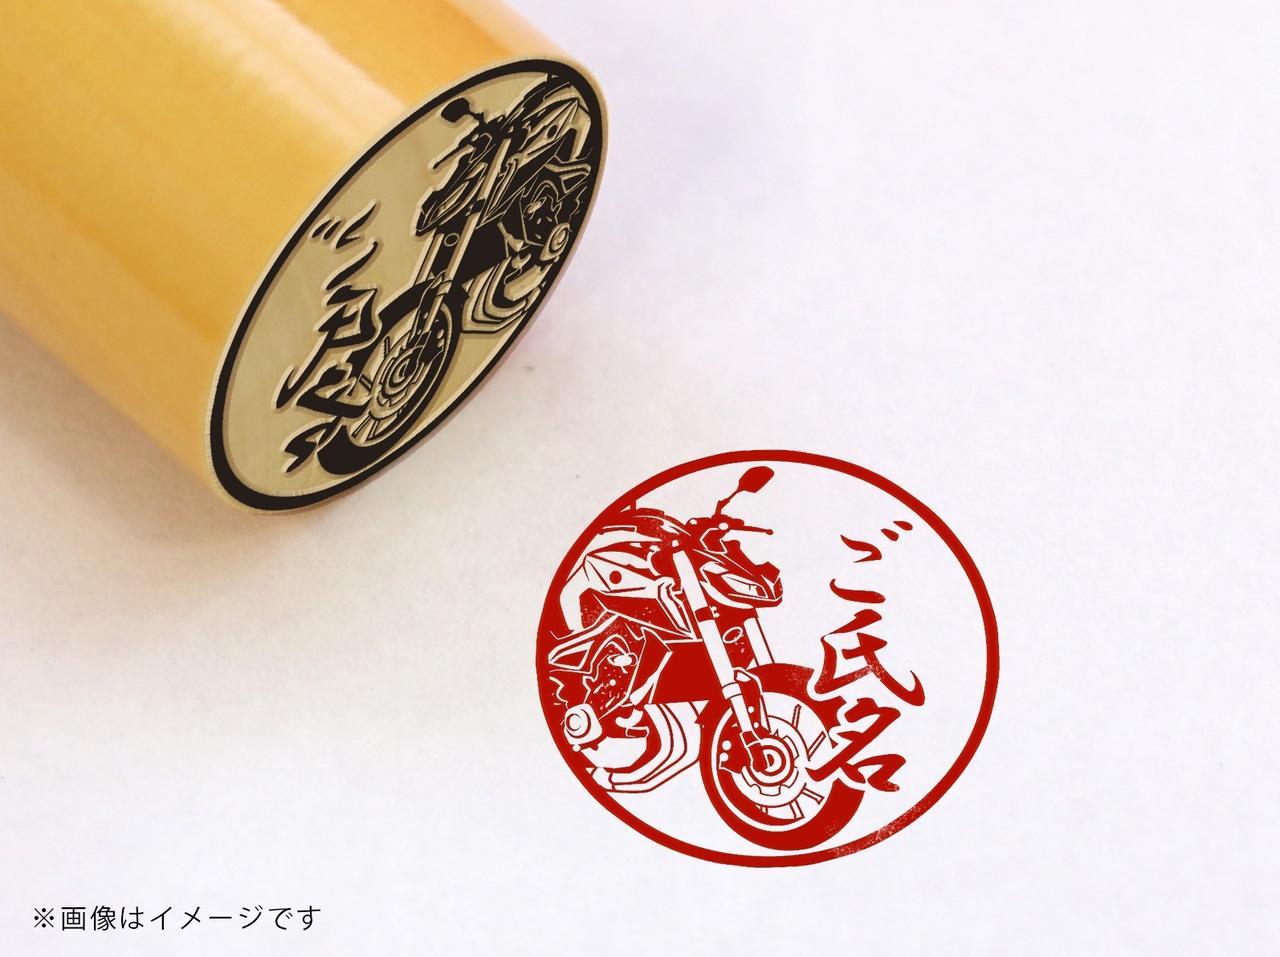 Images : 【YAMAHA】MT-09・柘植丸印18mm